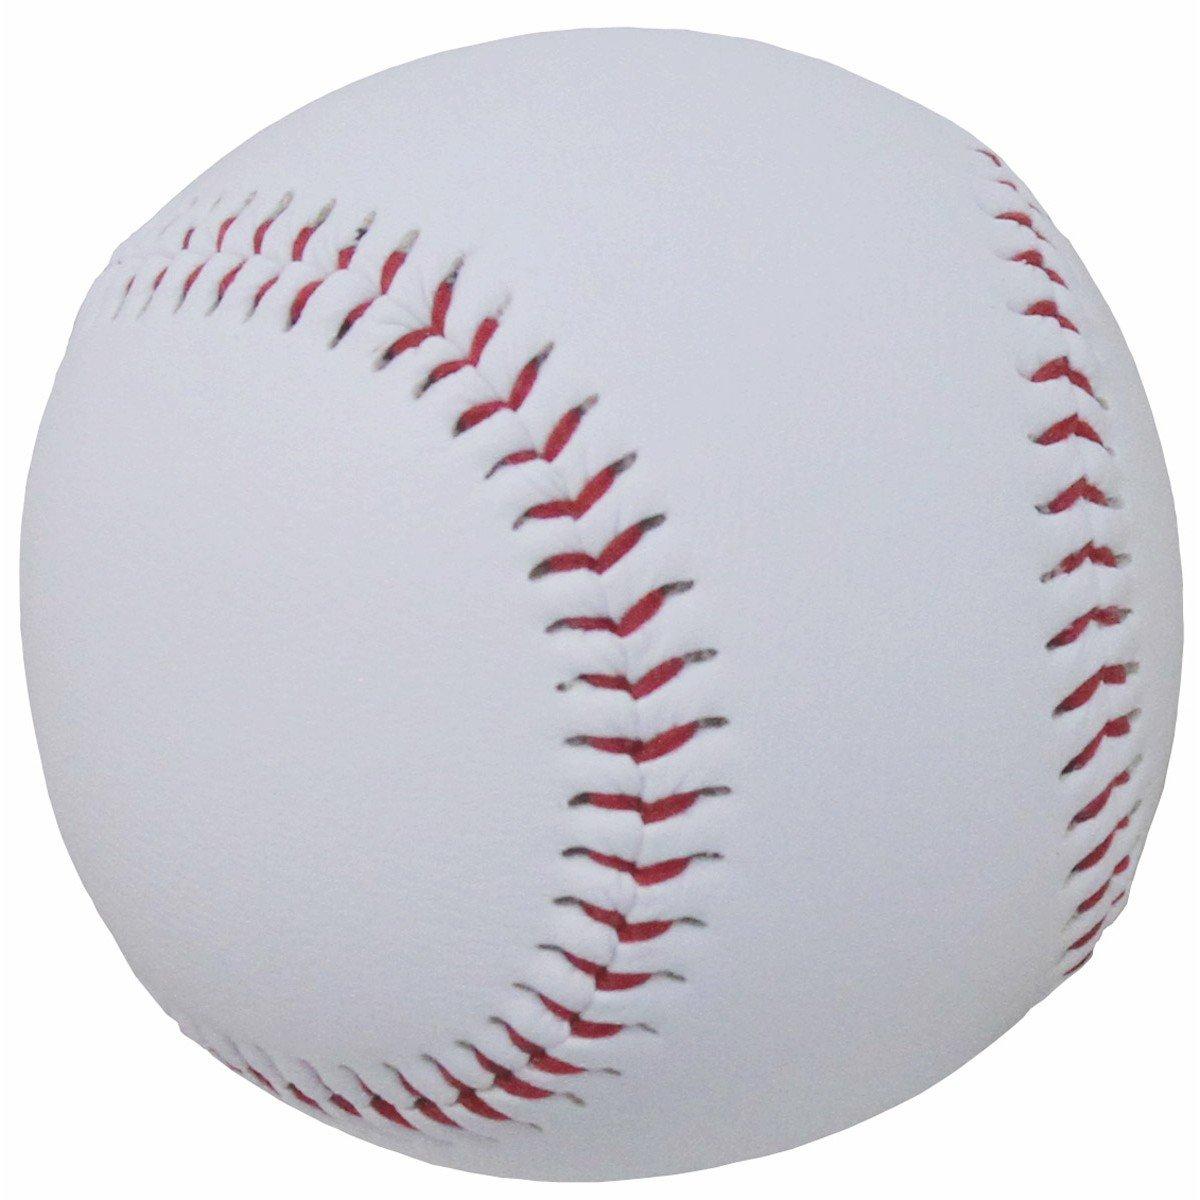 BKL1® Baseball Basic 5 OZ Ball für Baseballschläger Weiß Rot 1221